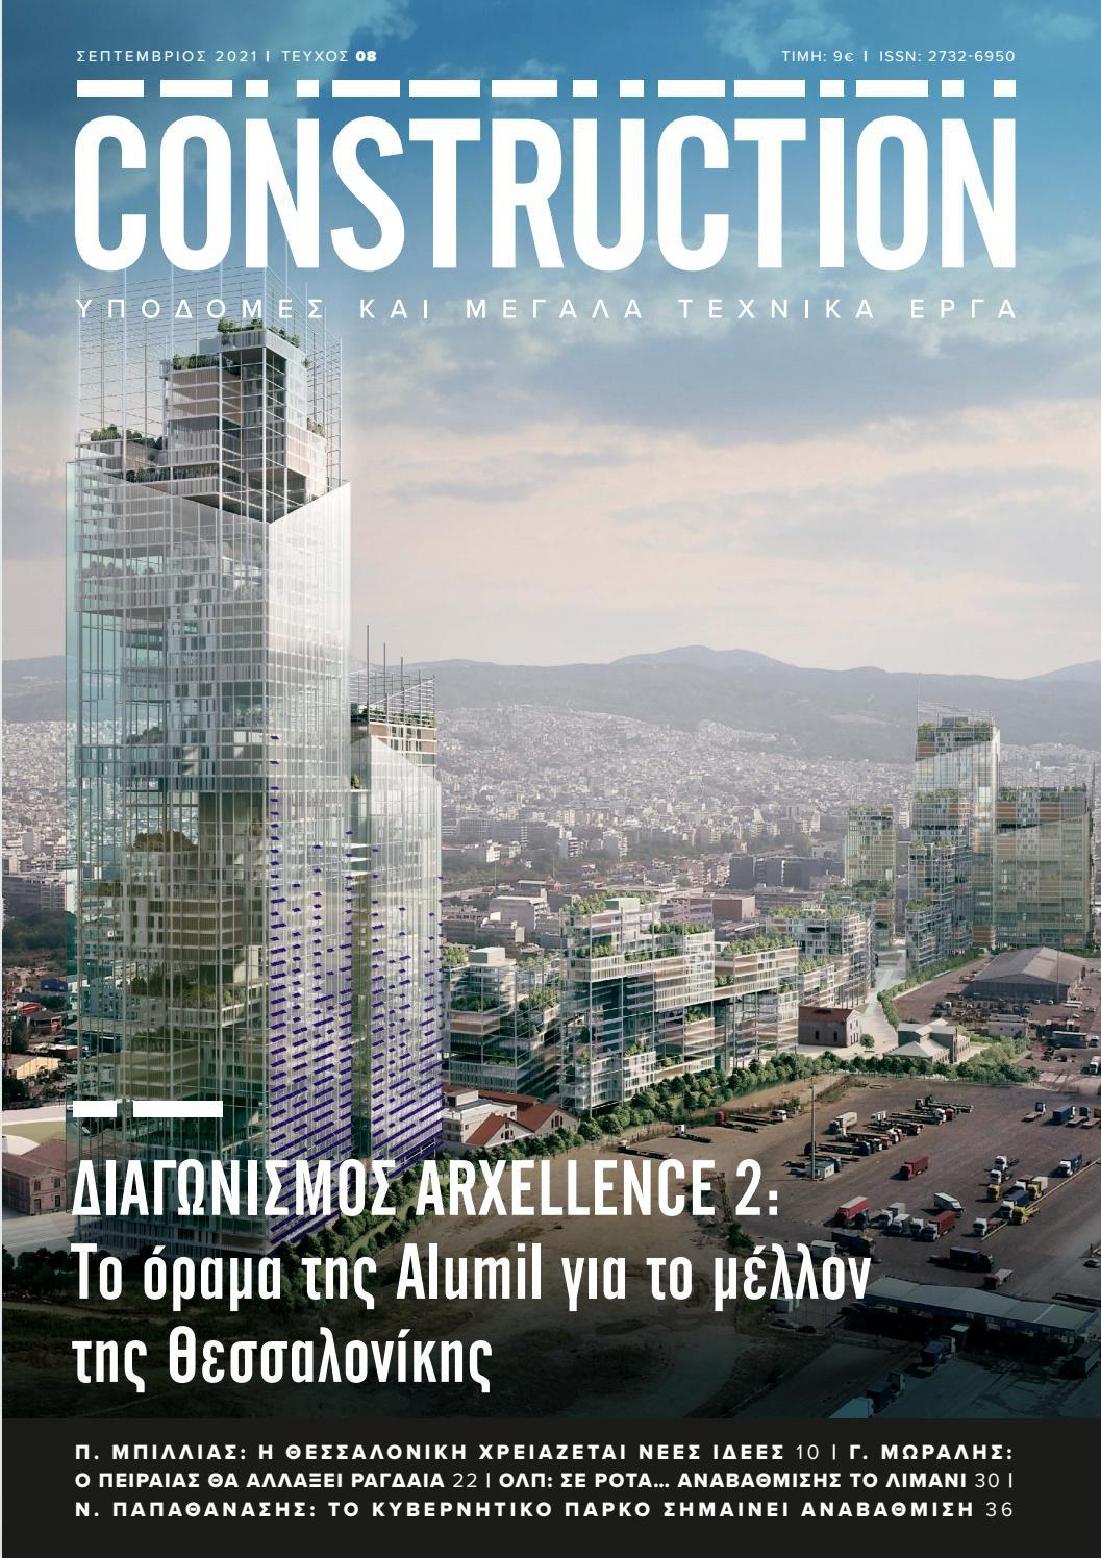 Πρωτοσέλιδο του εντύπου «CONSTRUCTION» που δημοσιεύτηκε στις 01/09/2021